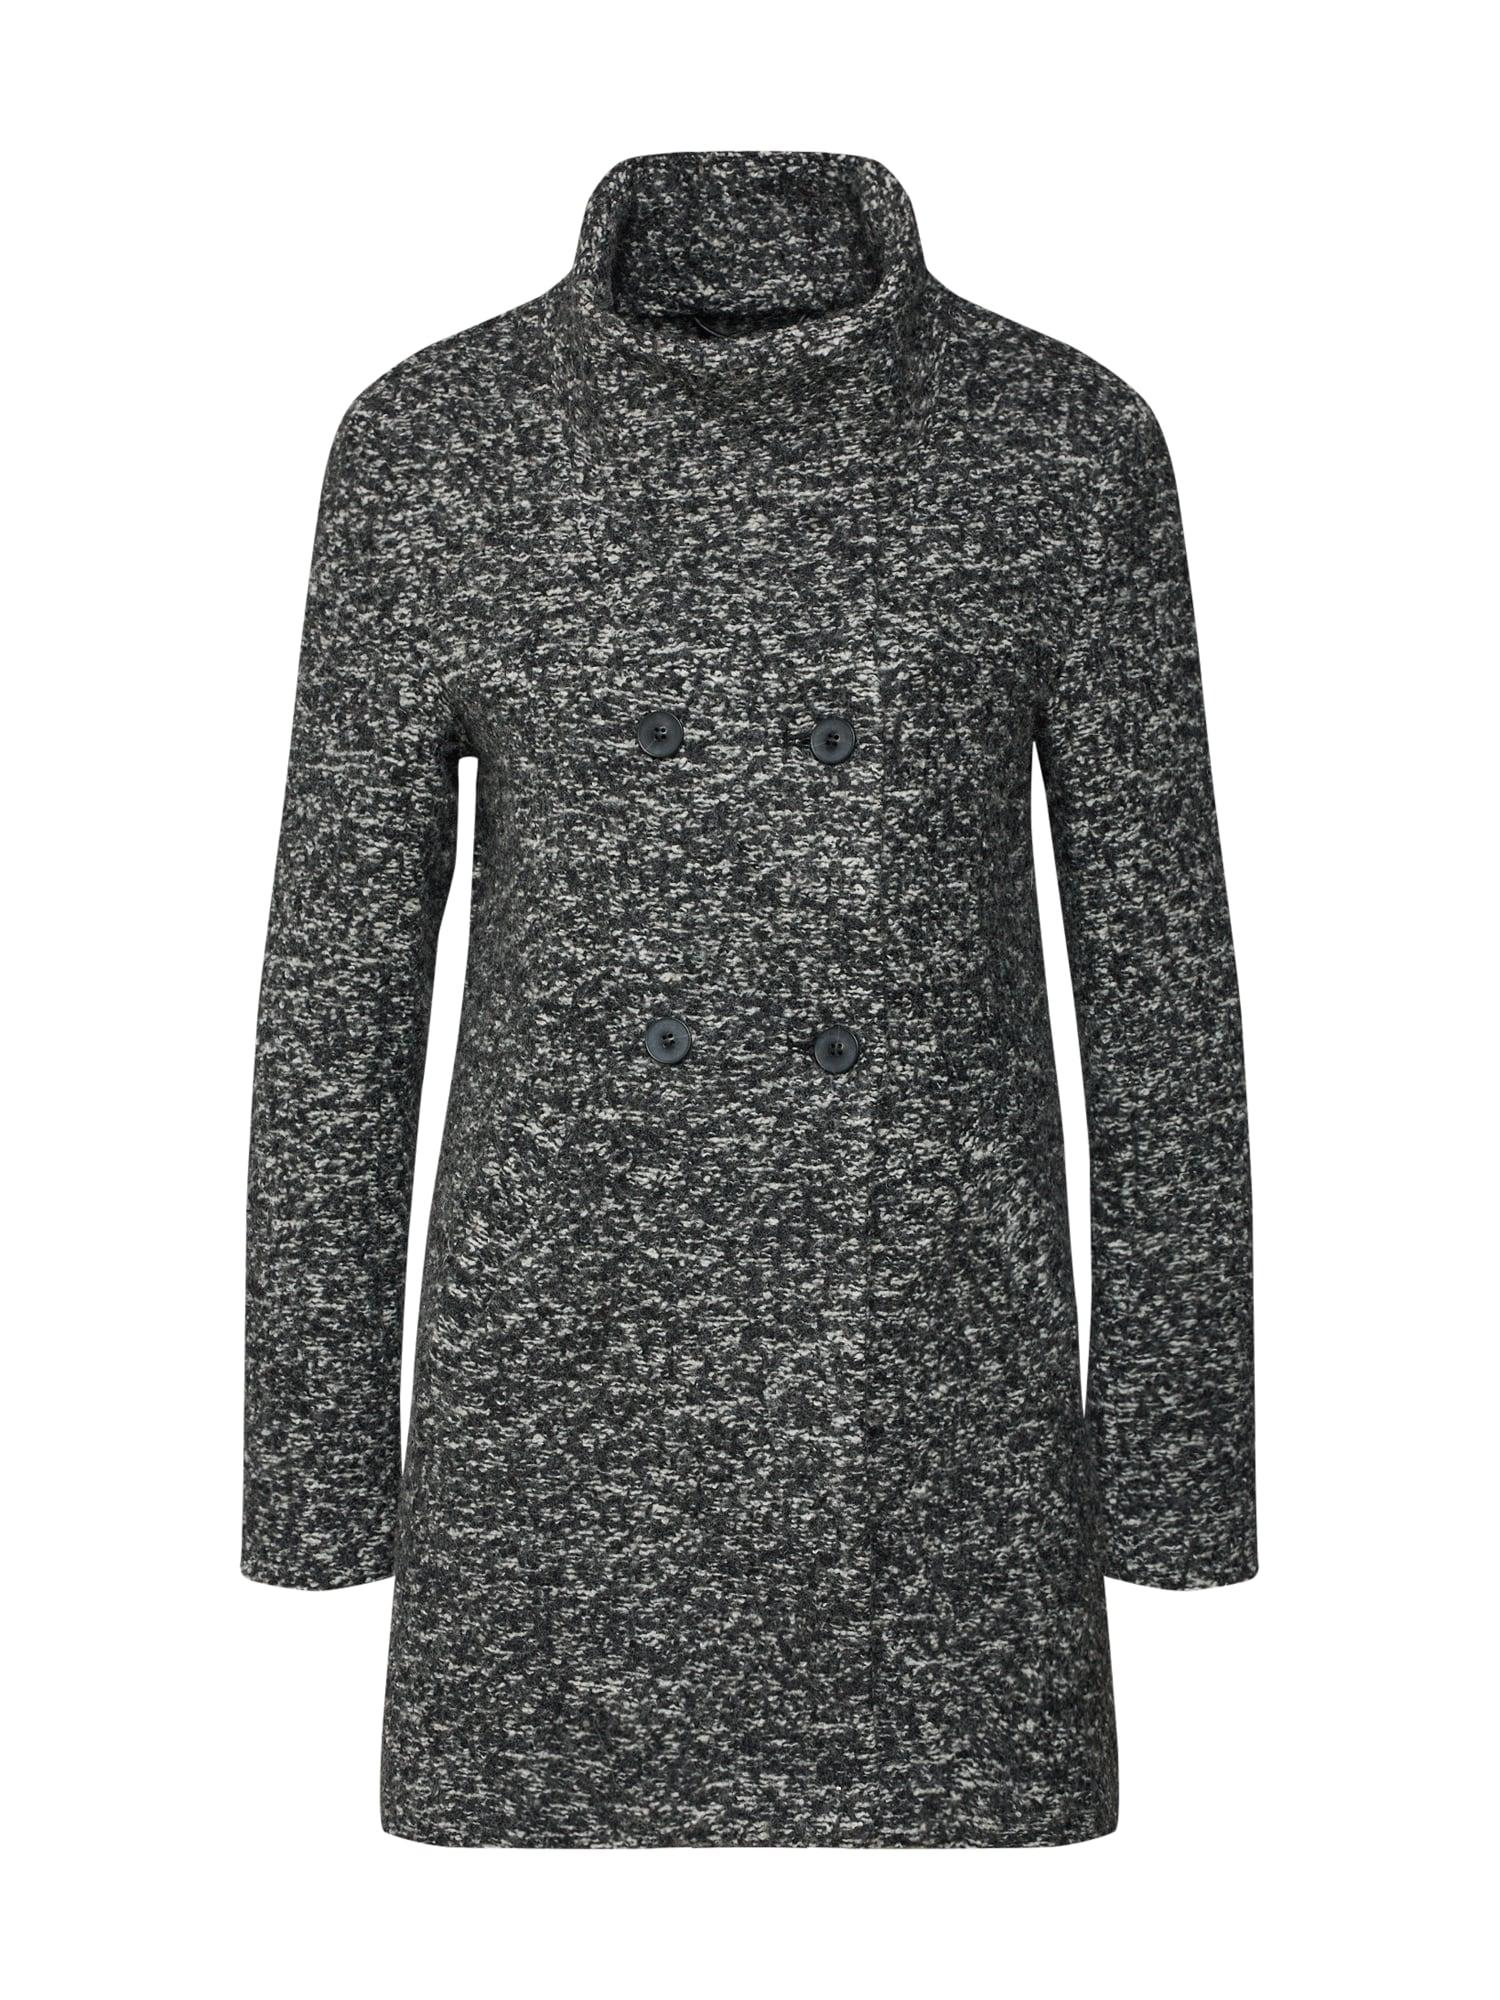 Přechodný kabát SOPHIA tmavě šedá šedý melír ONLY